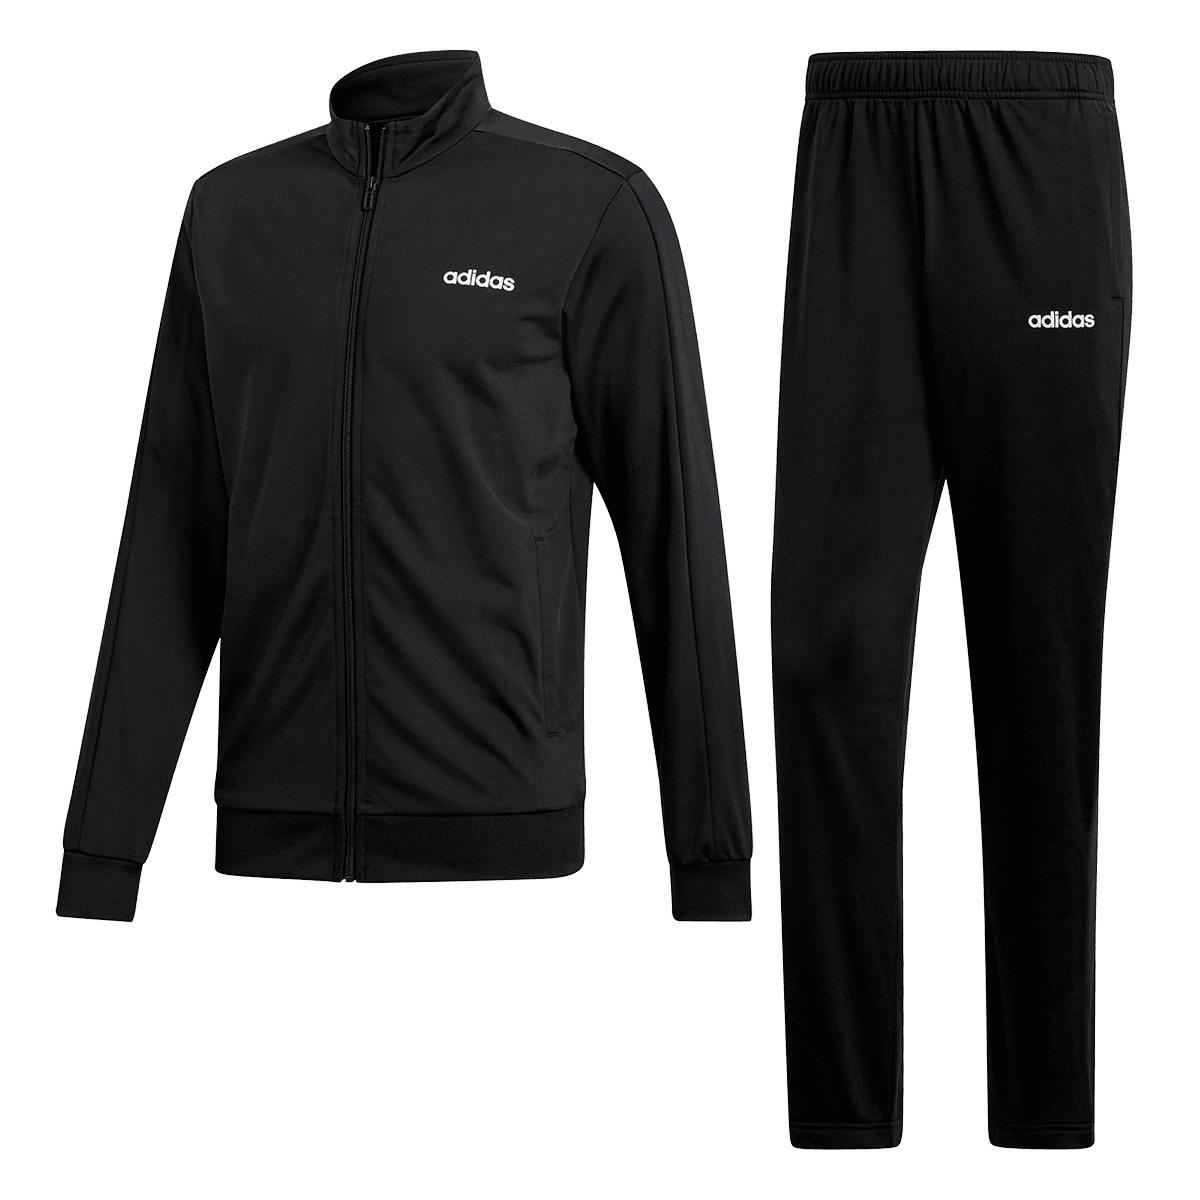 adidas Trainingsanzug MTS Basic schwarz/weiß Größen S bis XL